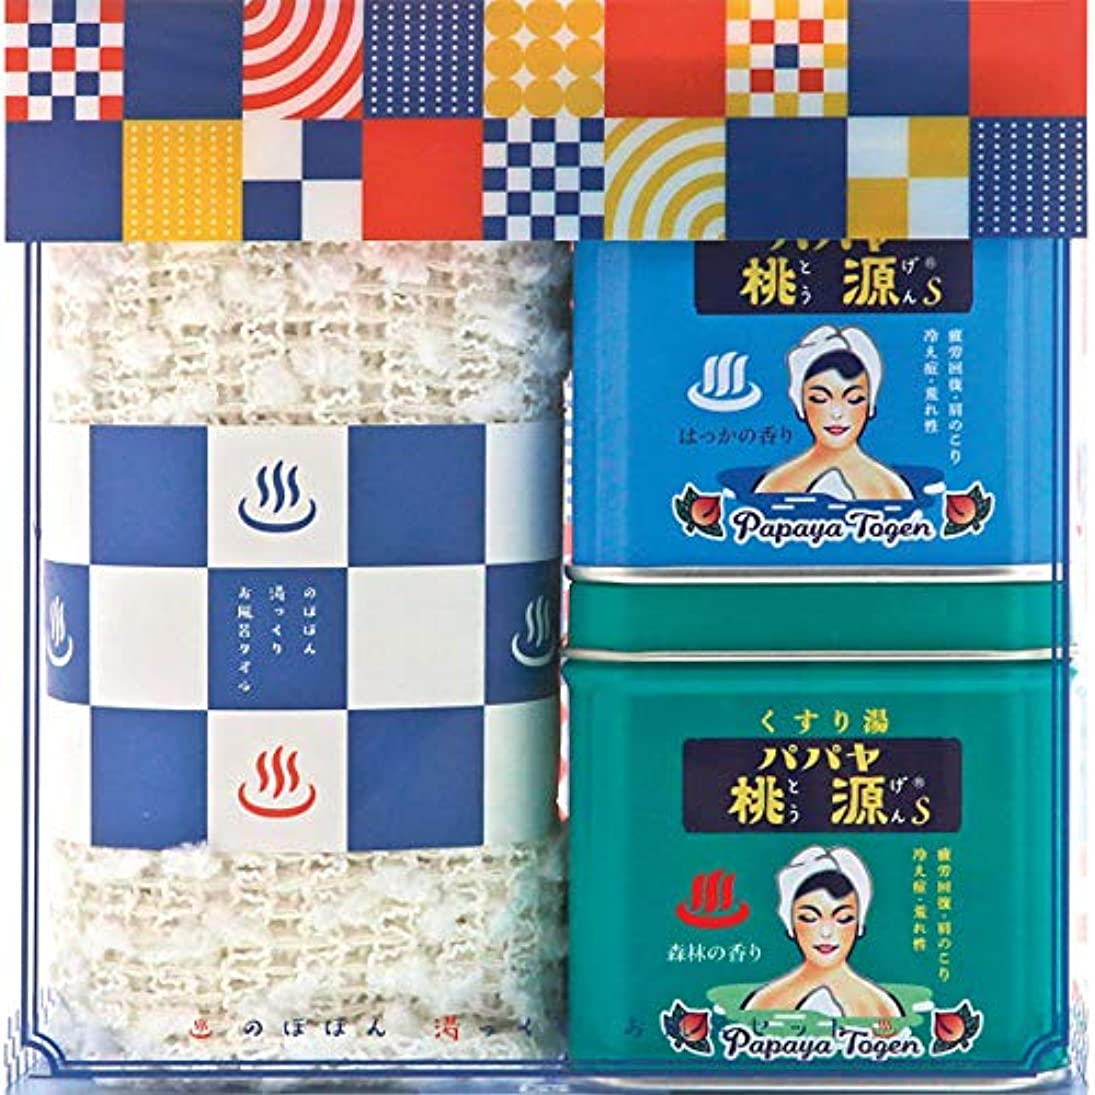 敬行商人補償パパヤ桃源 のほほん湯っくりお風呂セットB (五洲薬品)